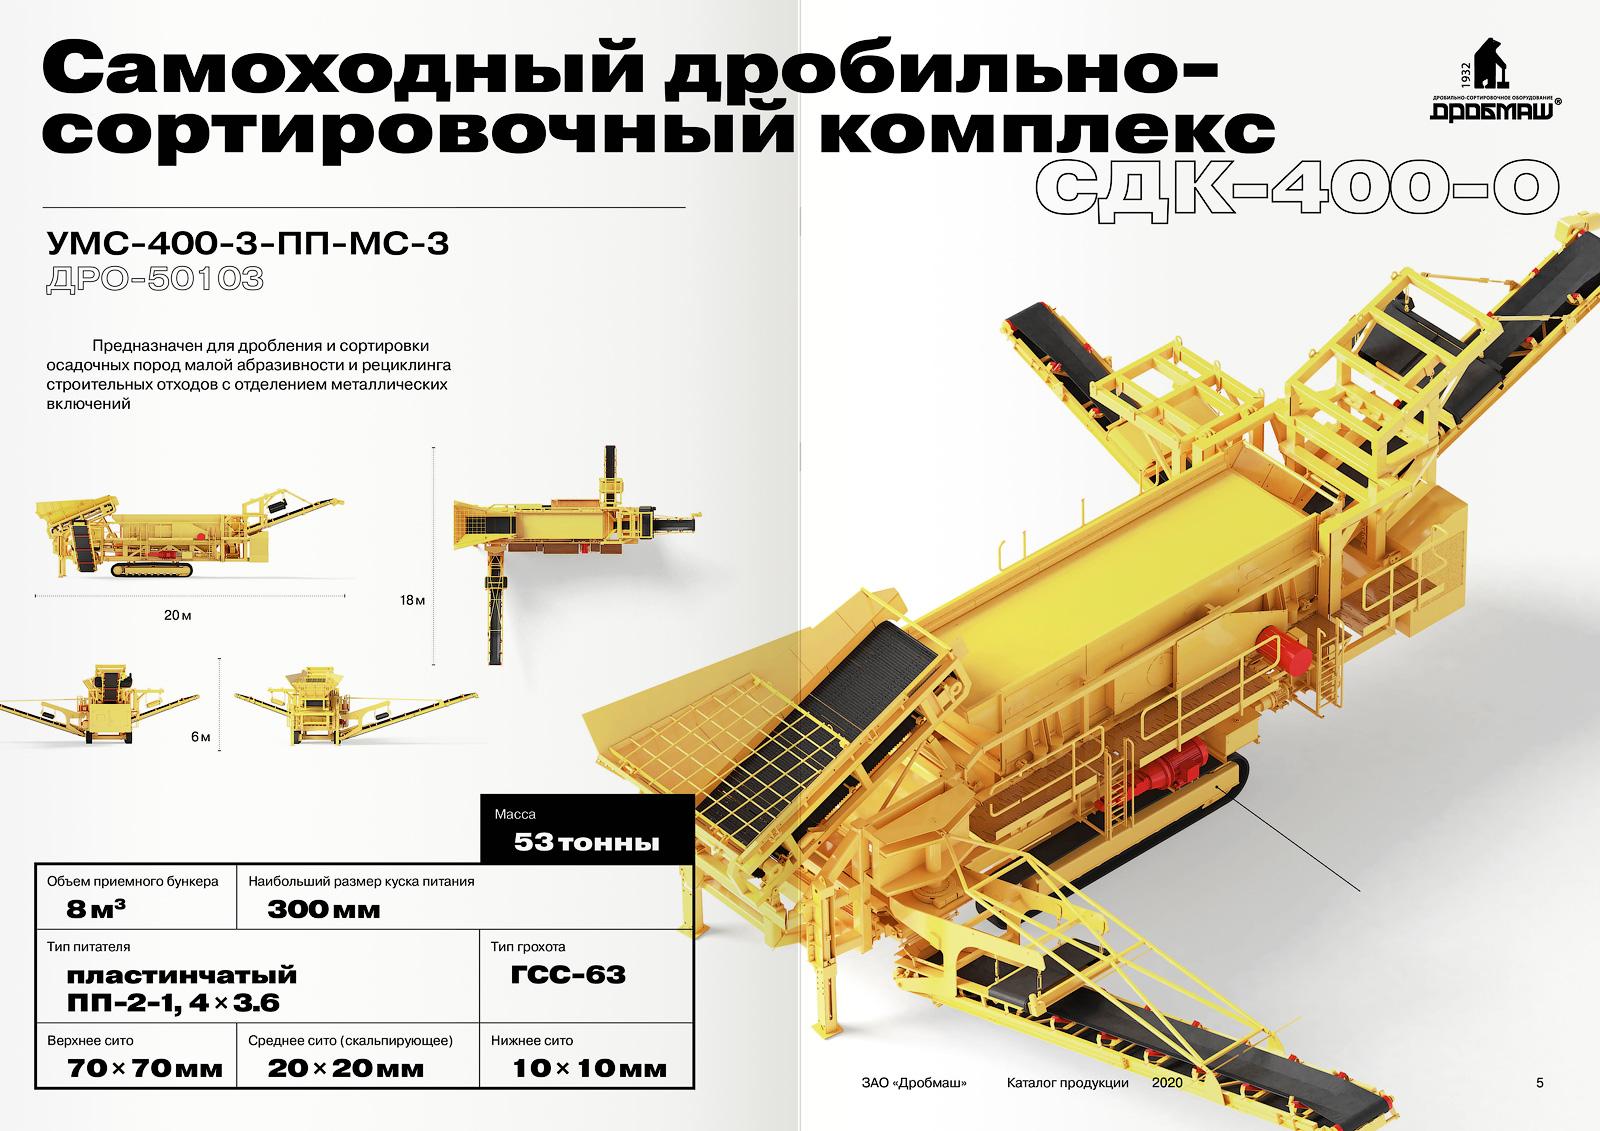 Дизайн каталога промышленного завода